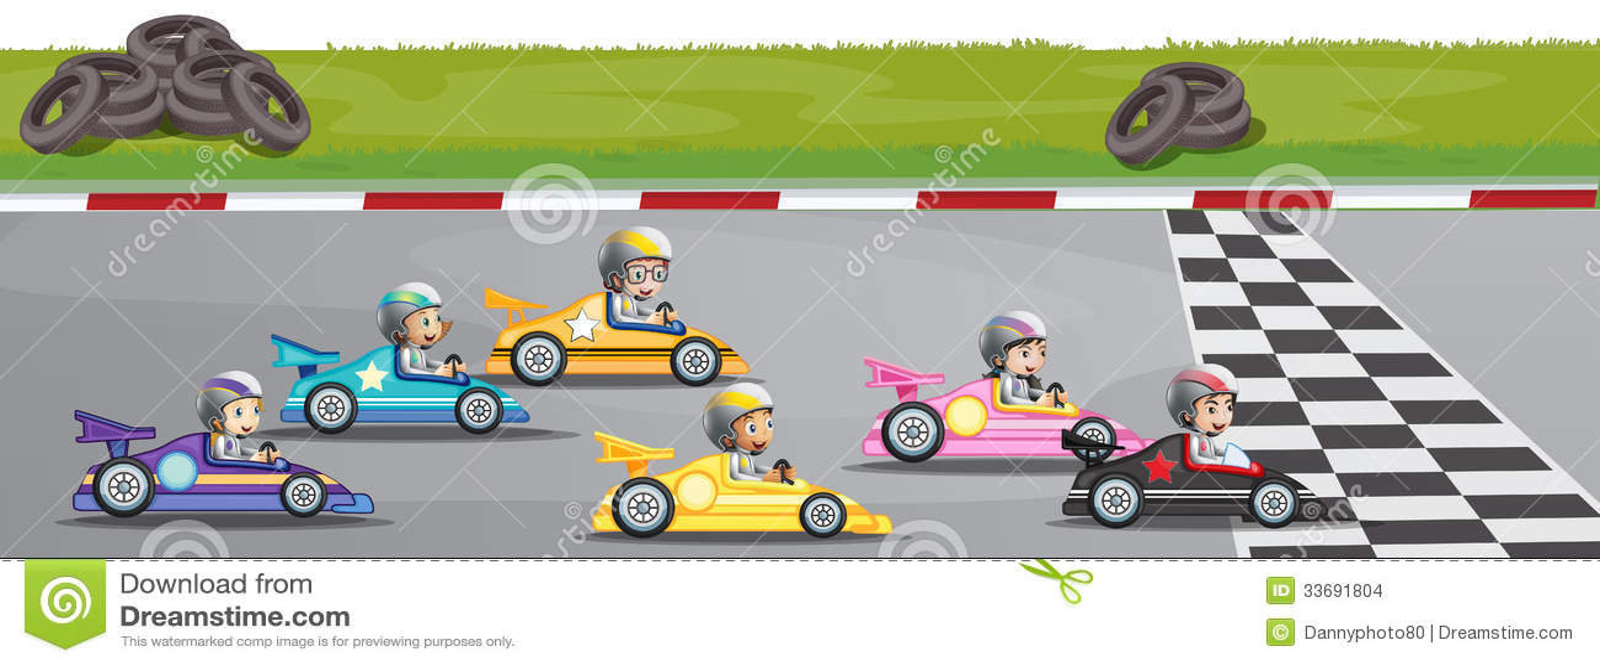 Concurrence de courses d automobiles